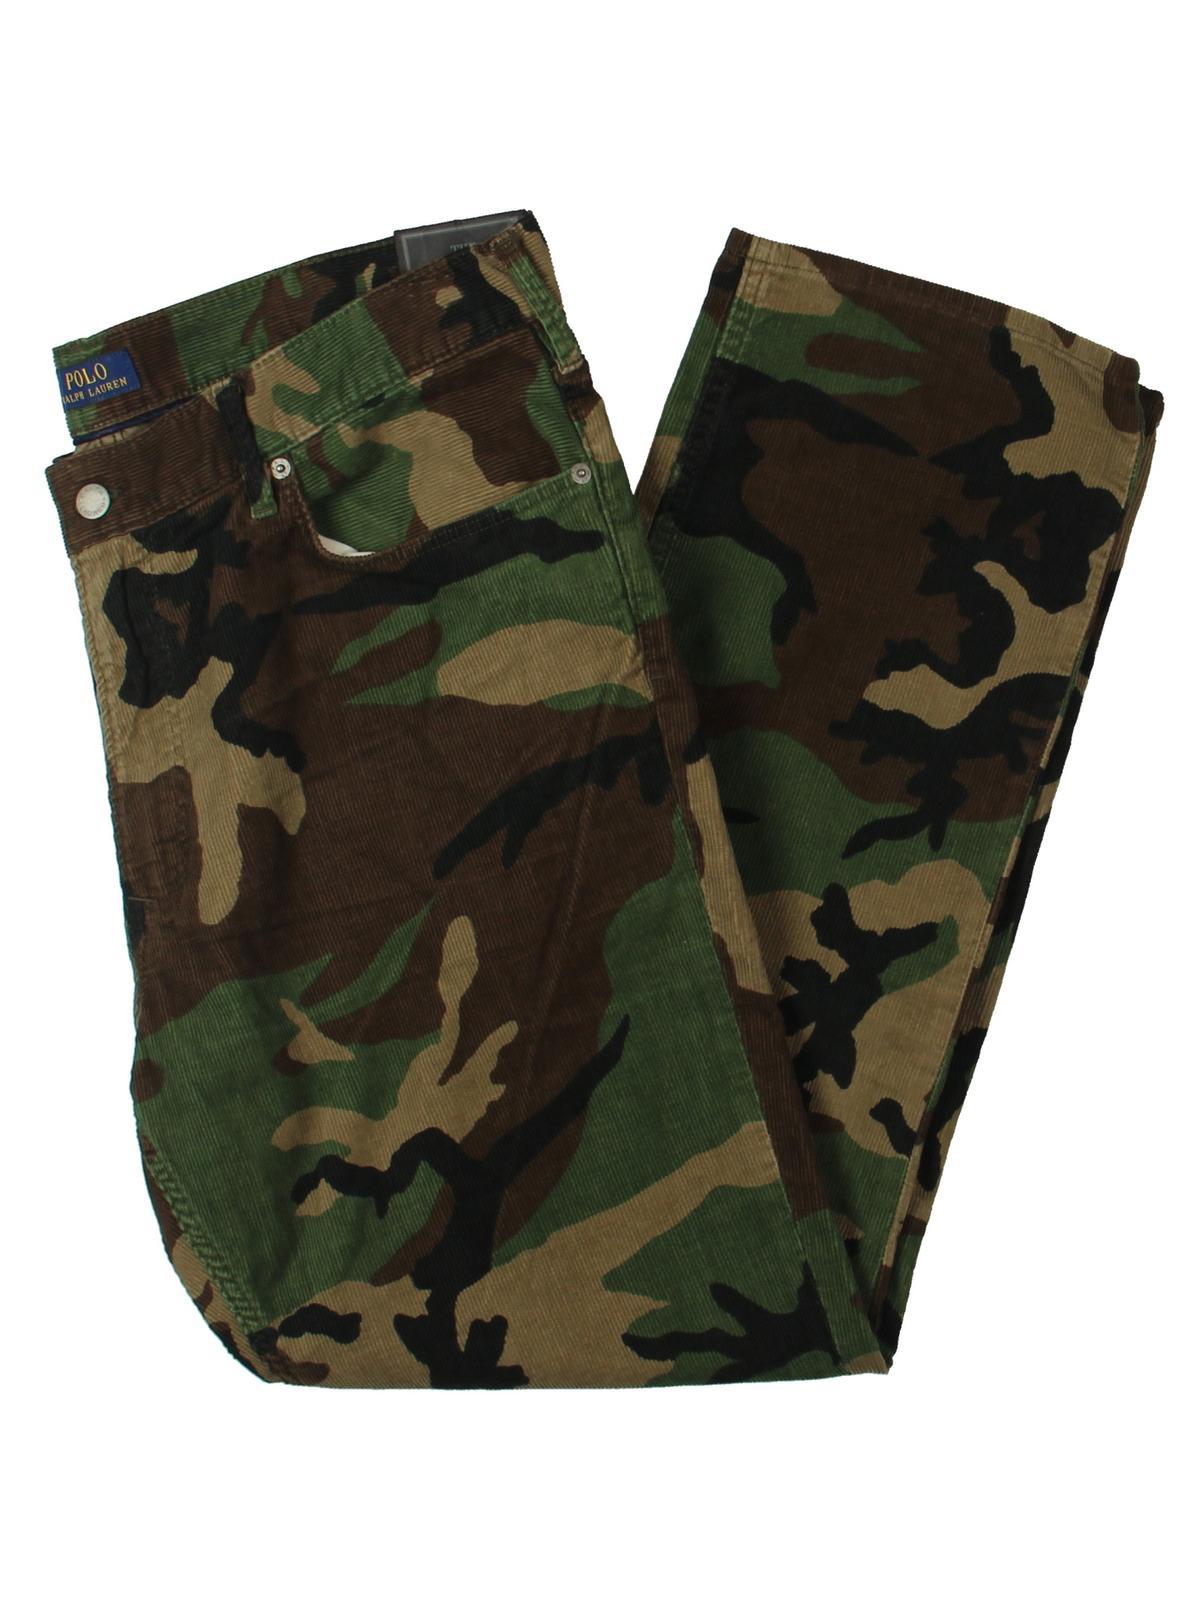 Woodland Digital Camo Tru-Spec 1370 Mens Tactical BDU Pants